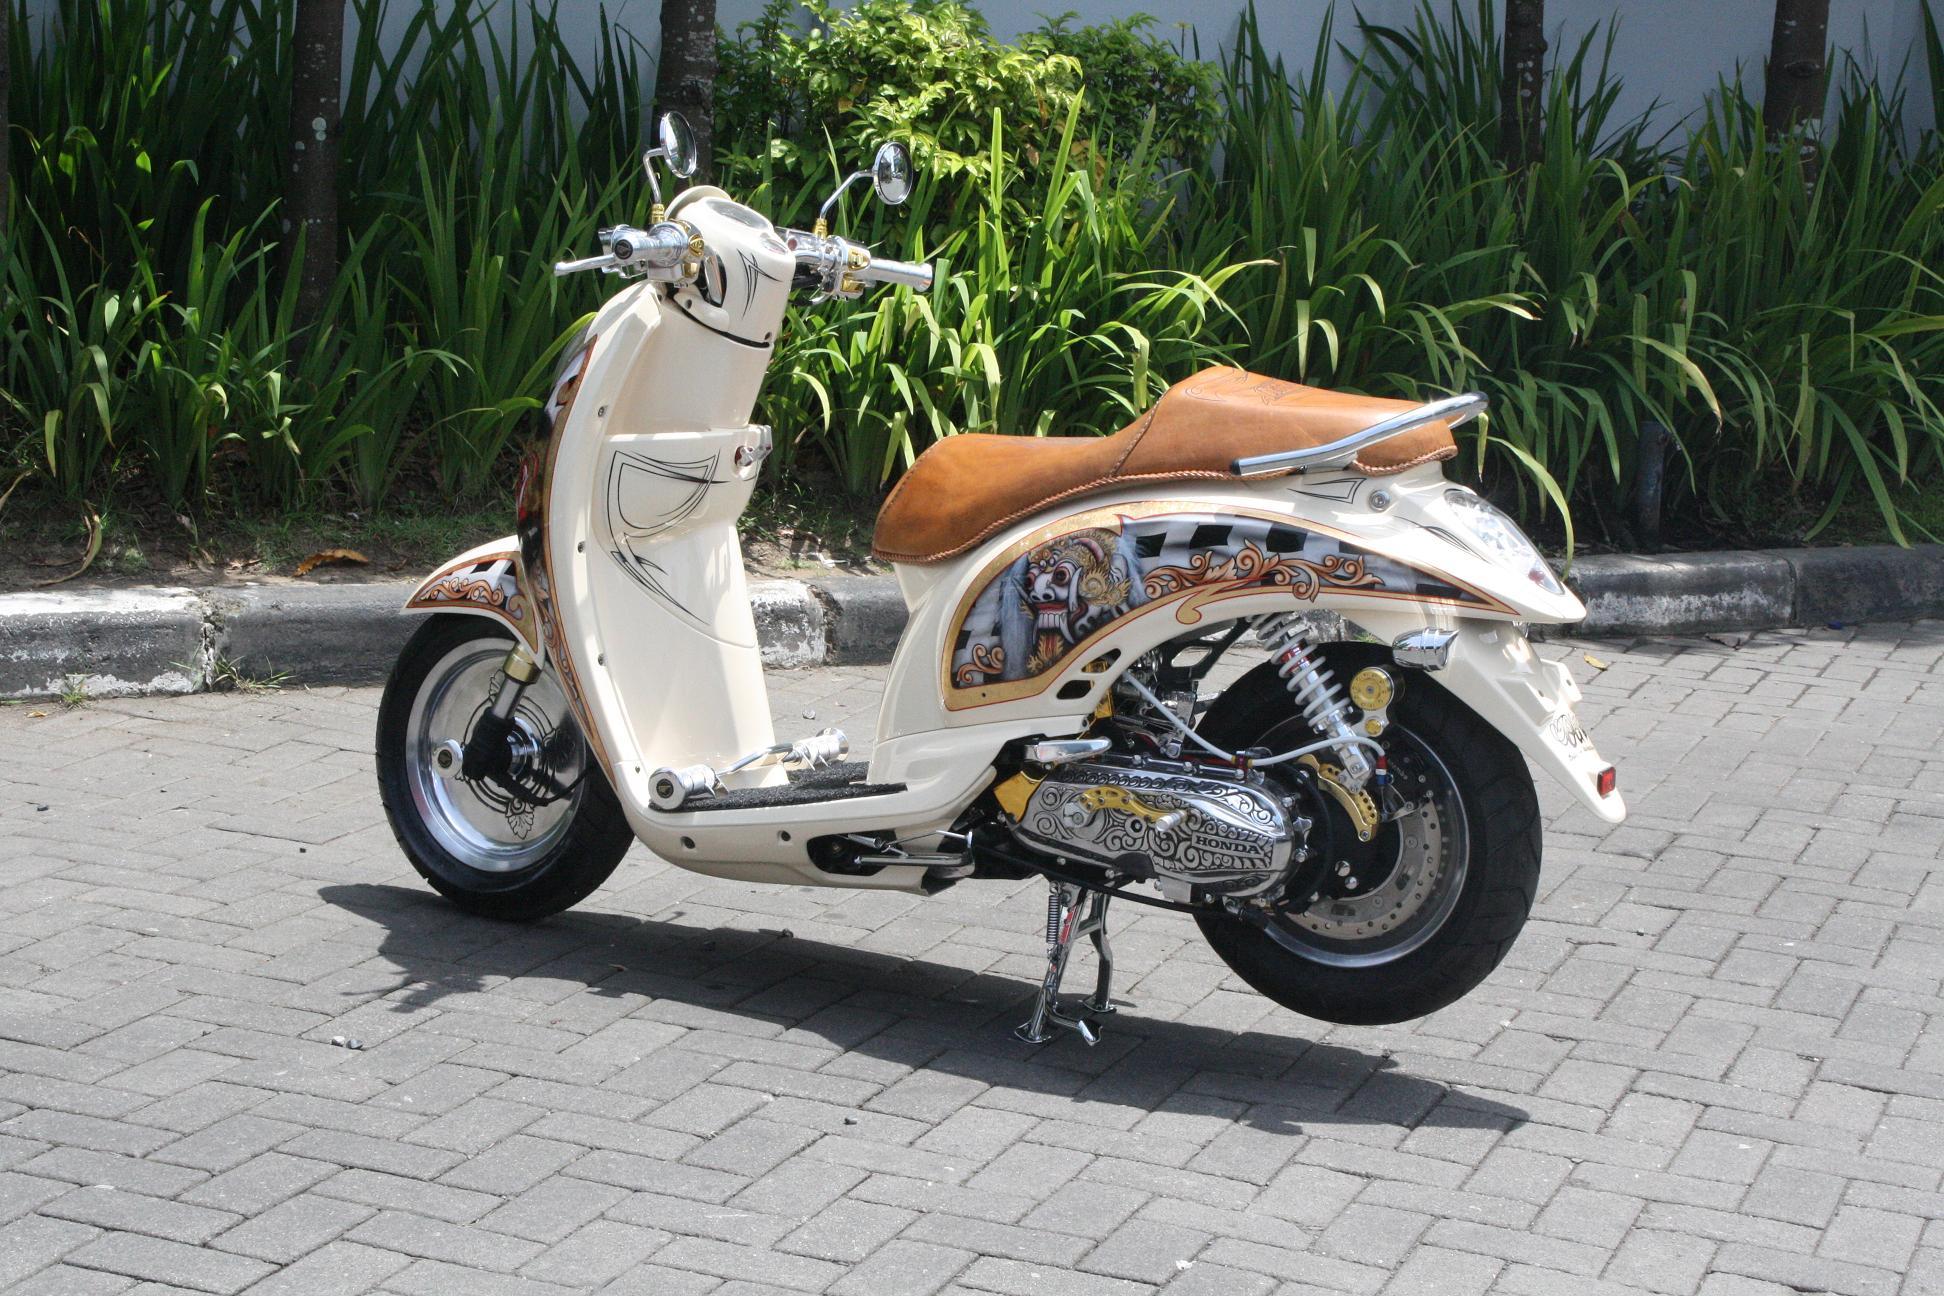 Koleksi Foto Modifikasi Motor Scoopy Thailand Terbaru Griya Modifikasi